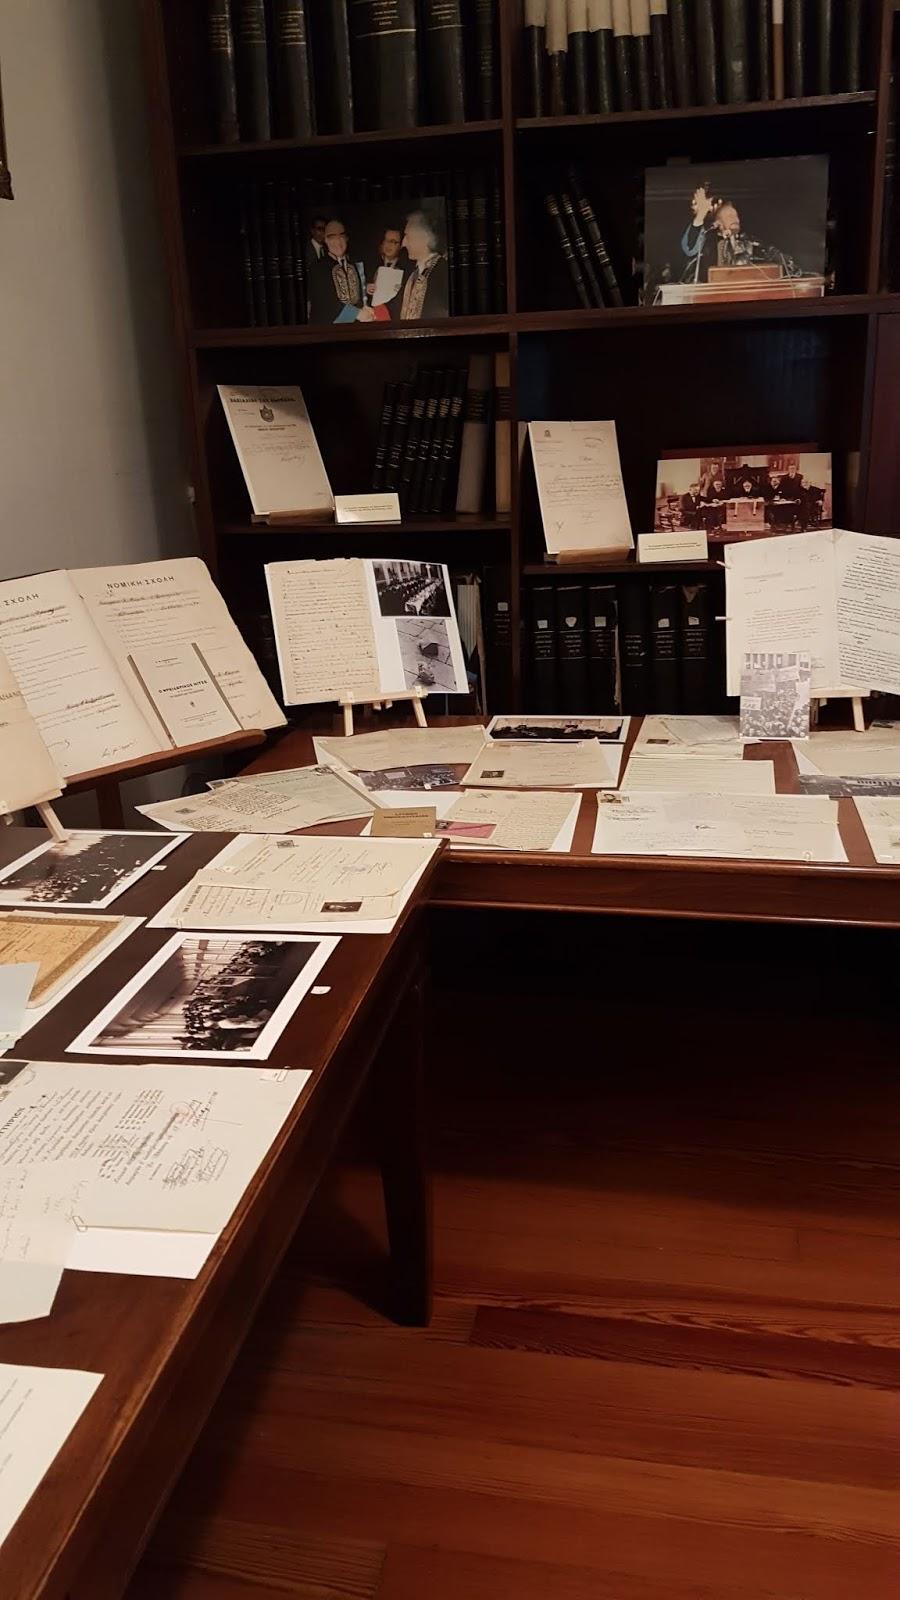 145f22a8627e ... βλέπεις τις φωτογραφίες εποχής και τις υπογραφές τόσο λαμπερών αστέρων  του ελληνικού λογοτεχνικού στερεώματος είναι οπωσδήποτε συγκινητικό.